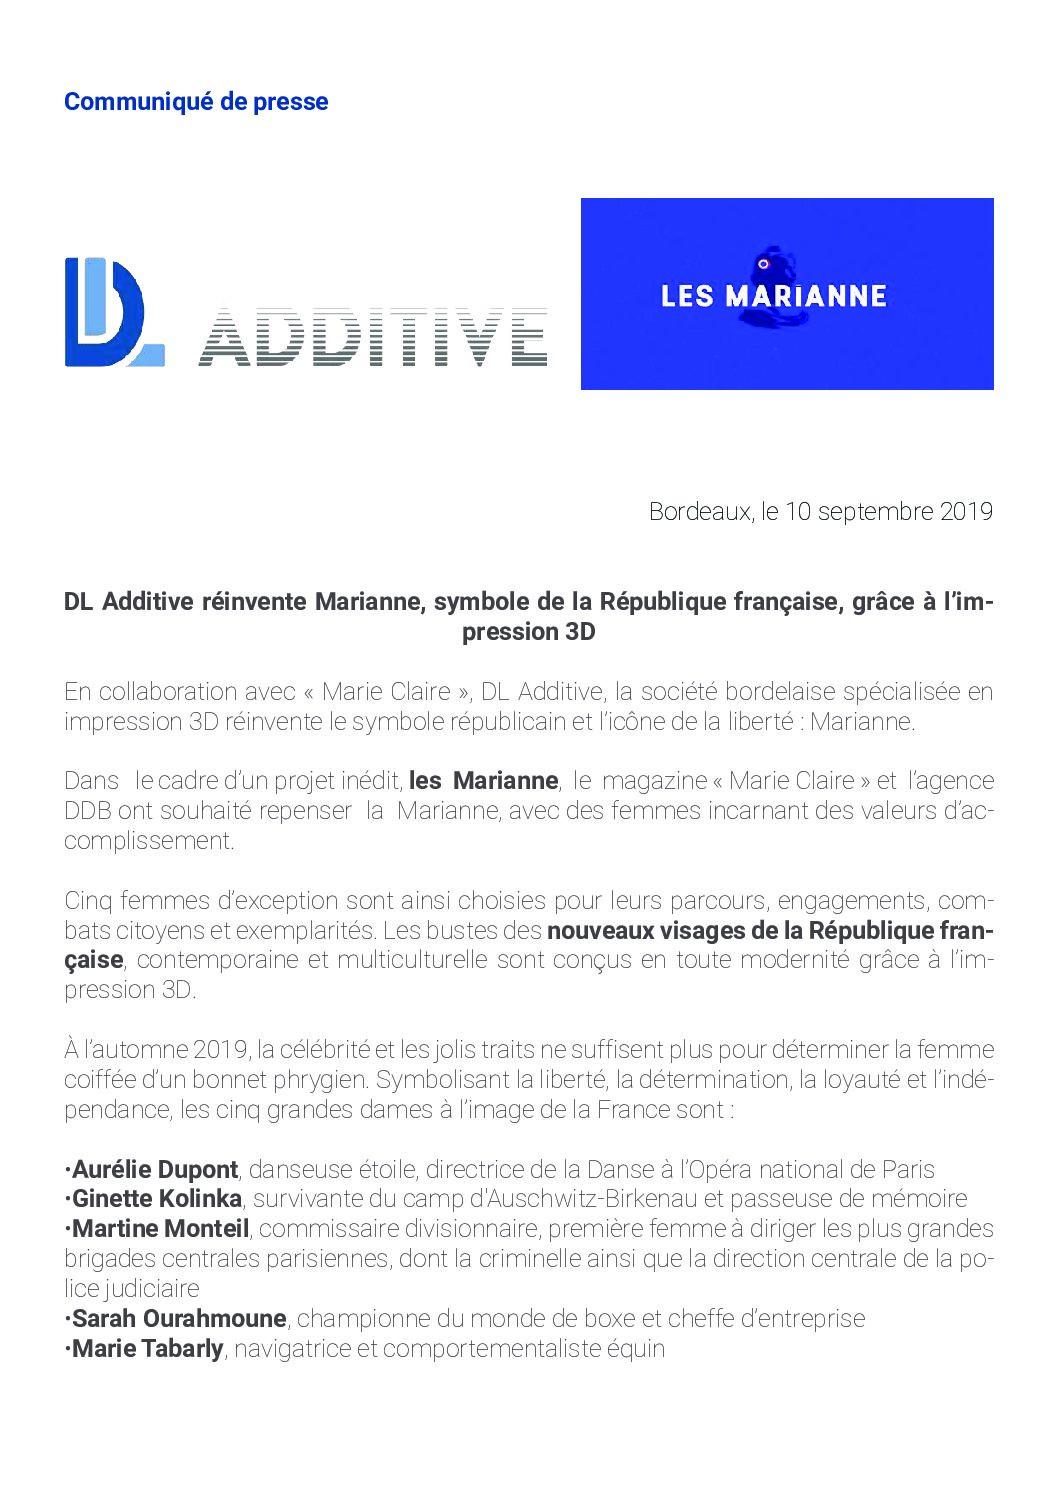 CP-Marianne-final-PDF_compressed-6-pdf Espace presse